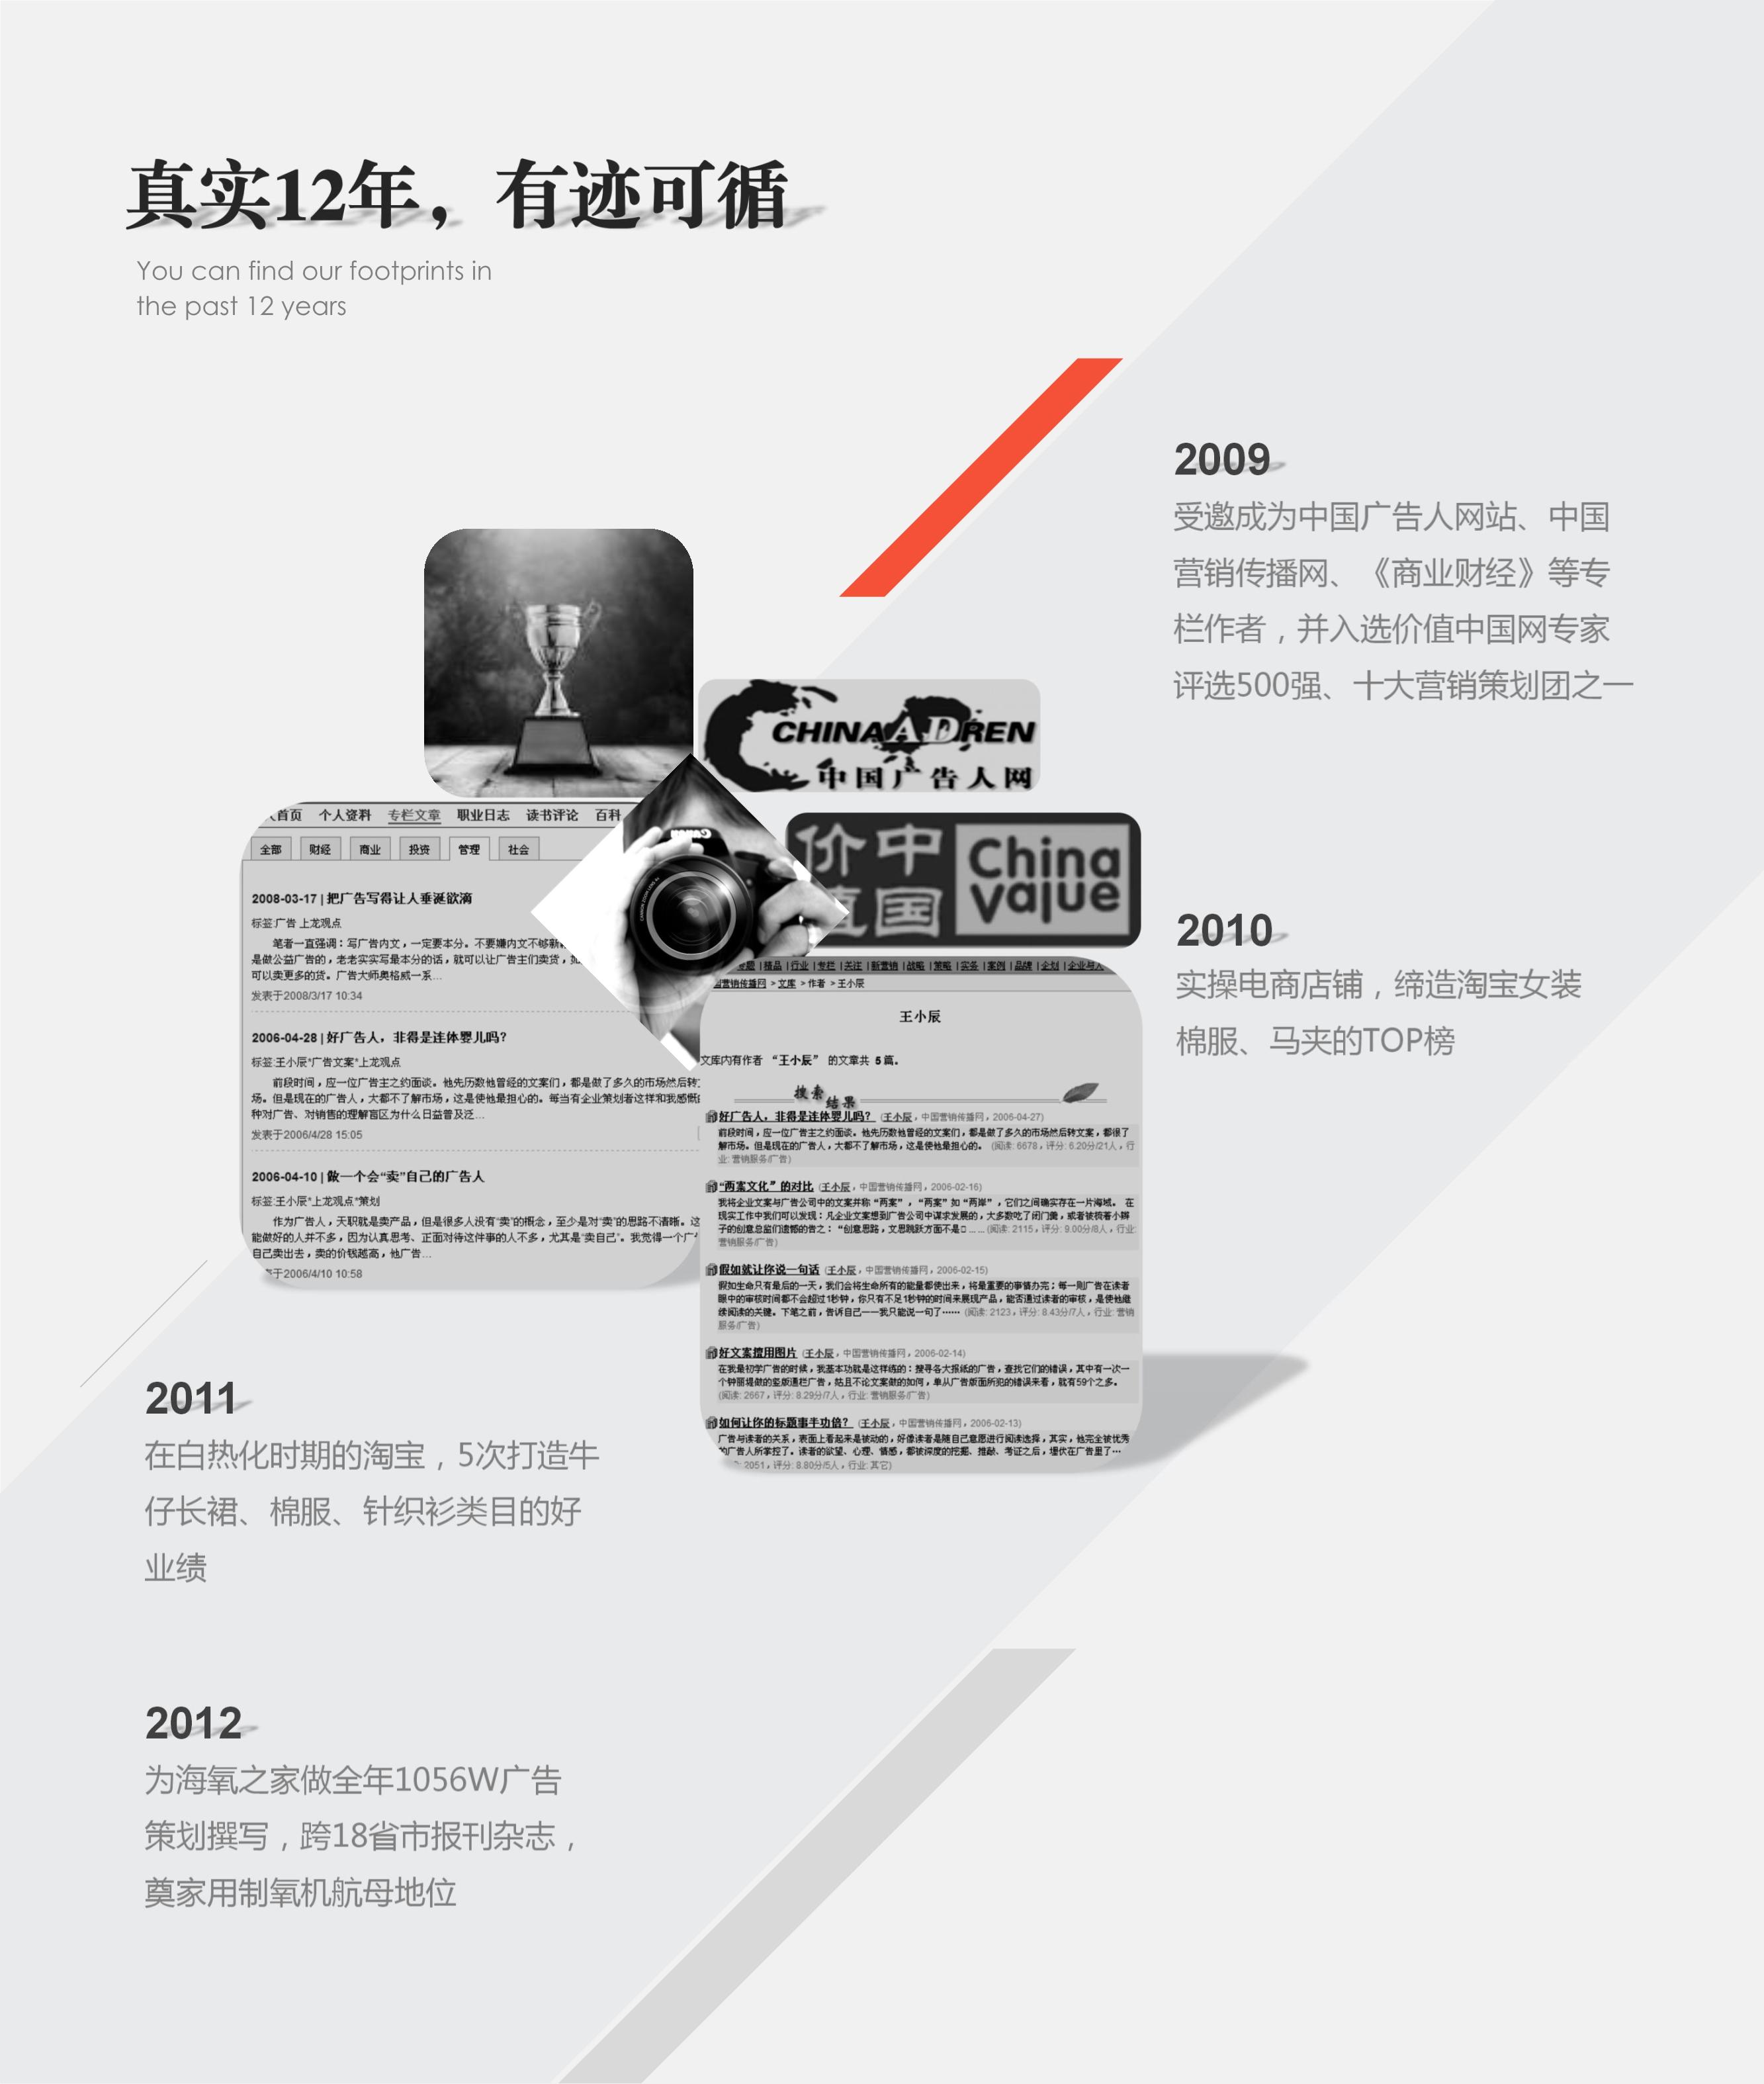 _品牌狂人 专业产品牌全案策划机构 定制定位企业形象宣传包装9